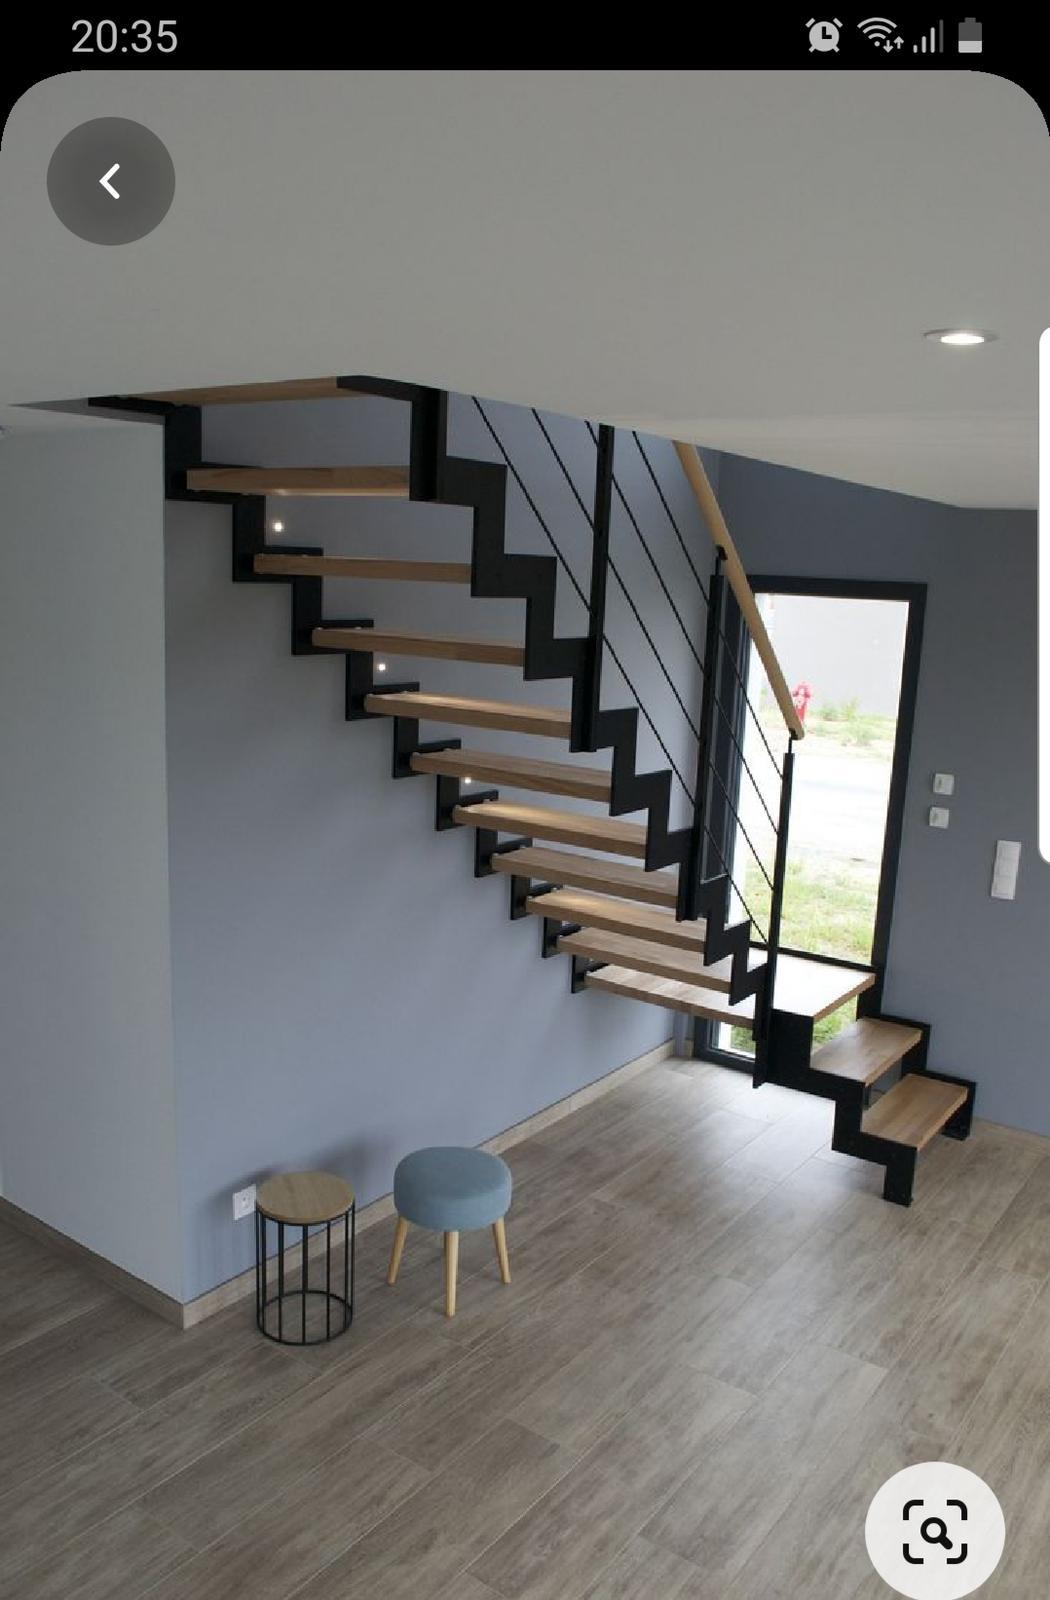 Podkroví - Moje představa schodů 👍